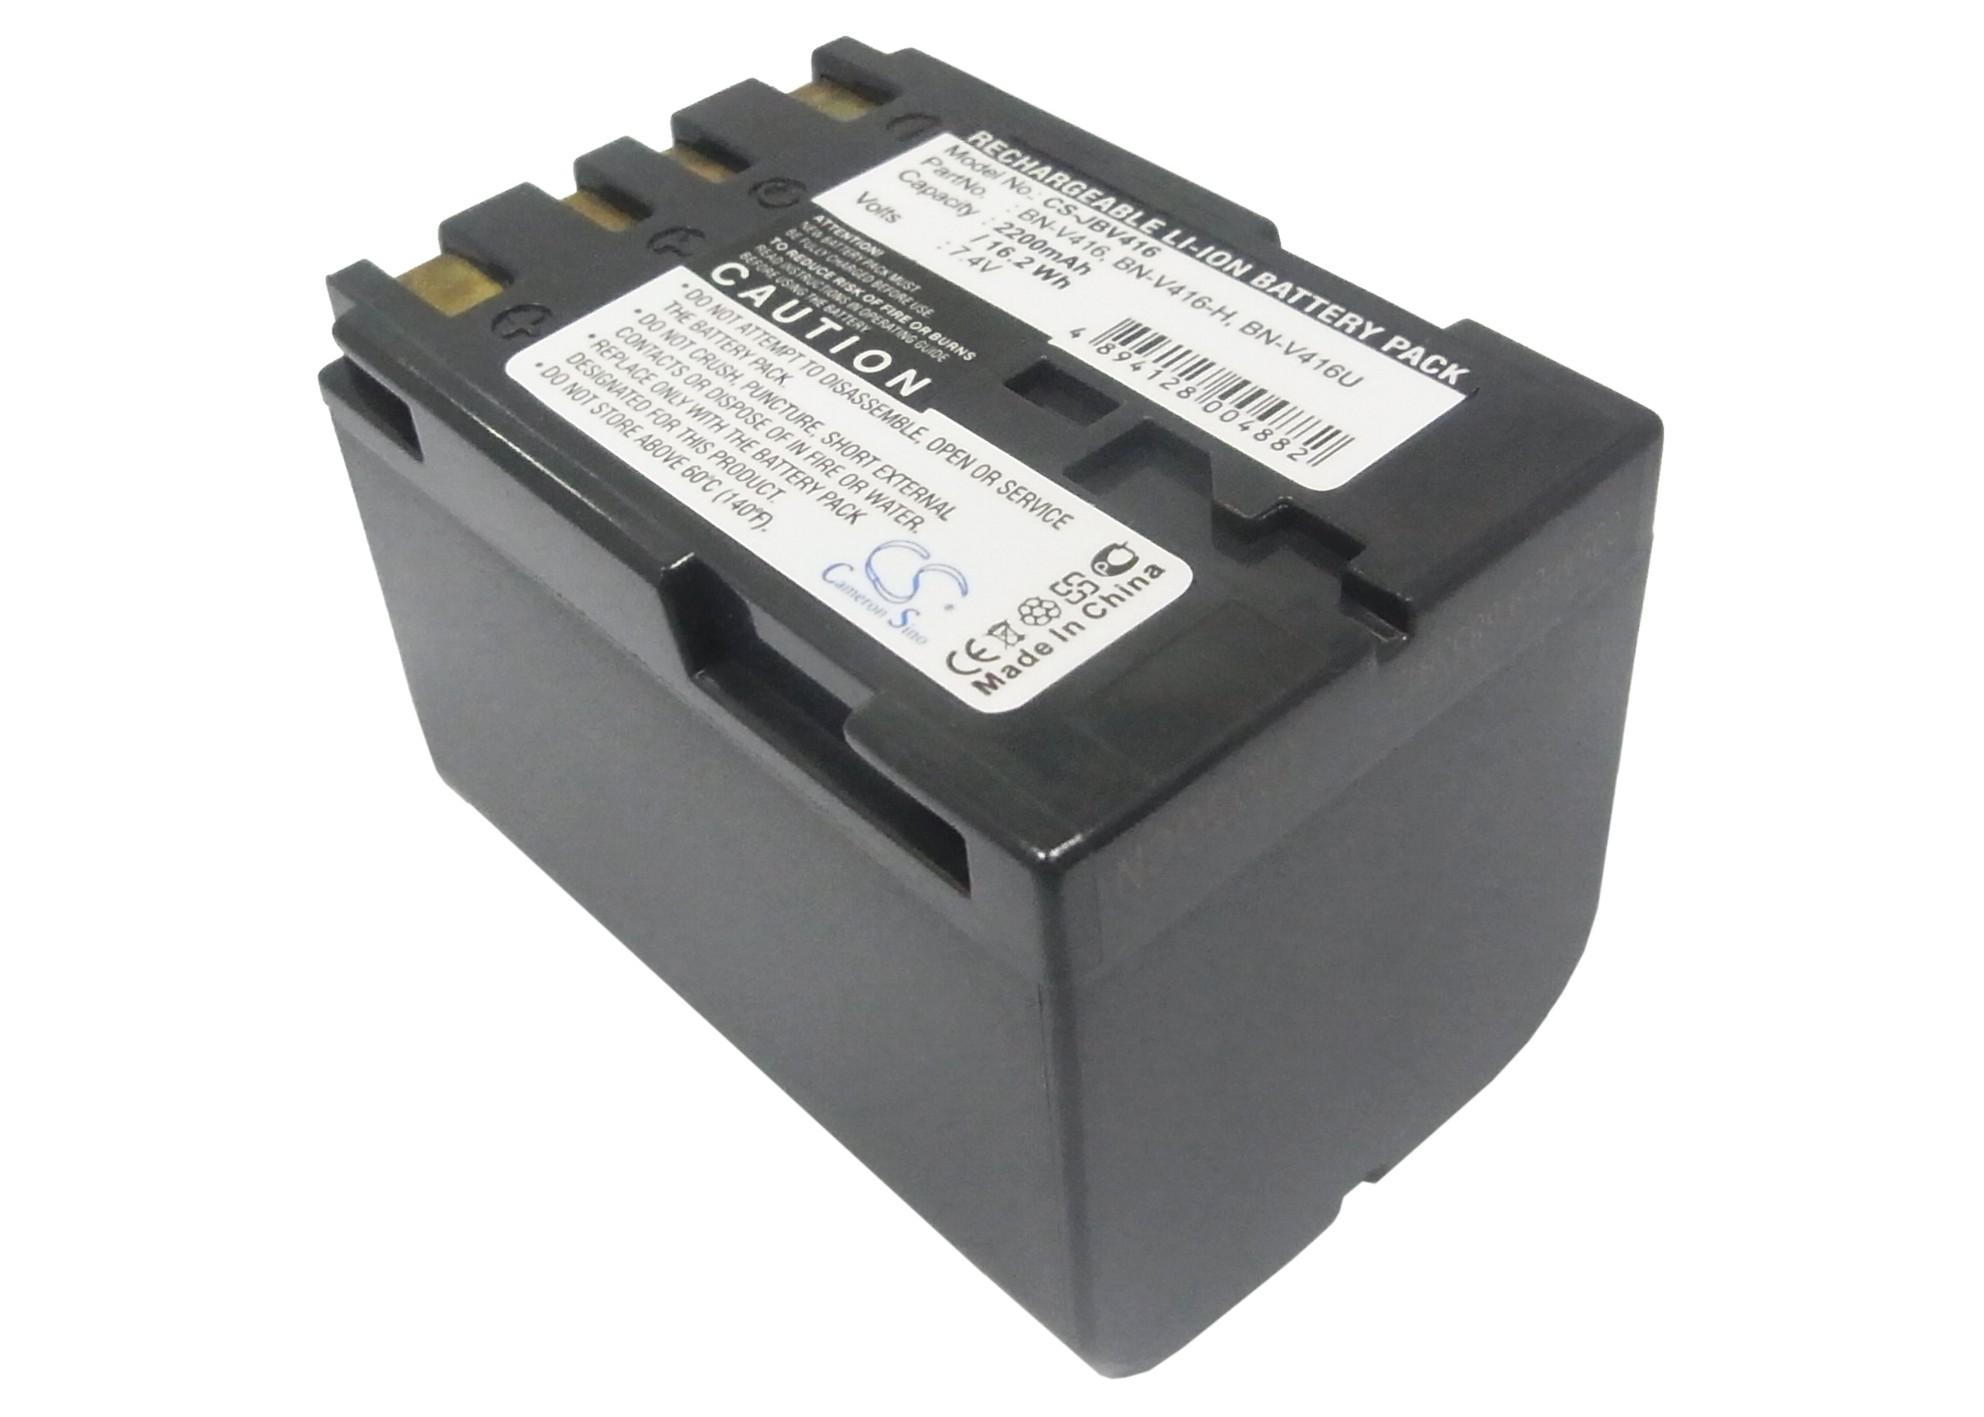 Cameron Sino baterie do kamer a fotoaparátů pro JVC GR-D21 7.4V Li-ion 2200mAh tmavě šedá - neoriginální